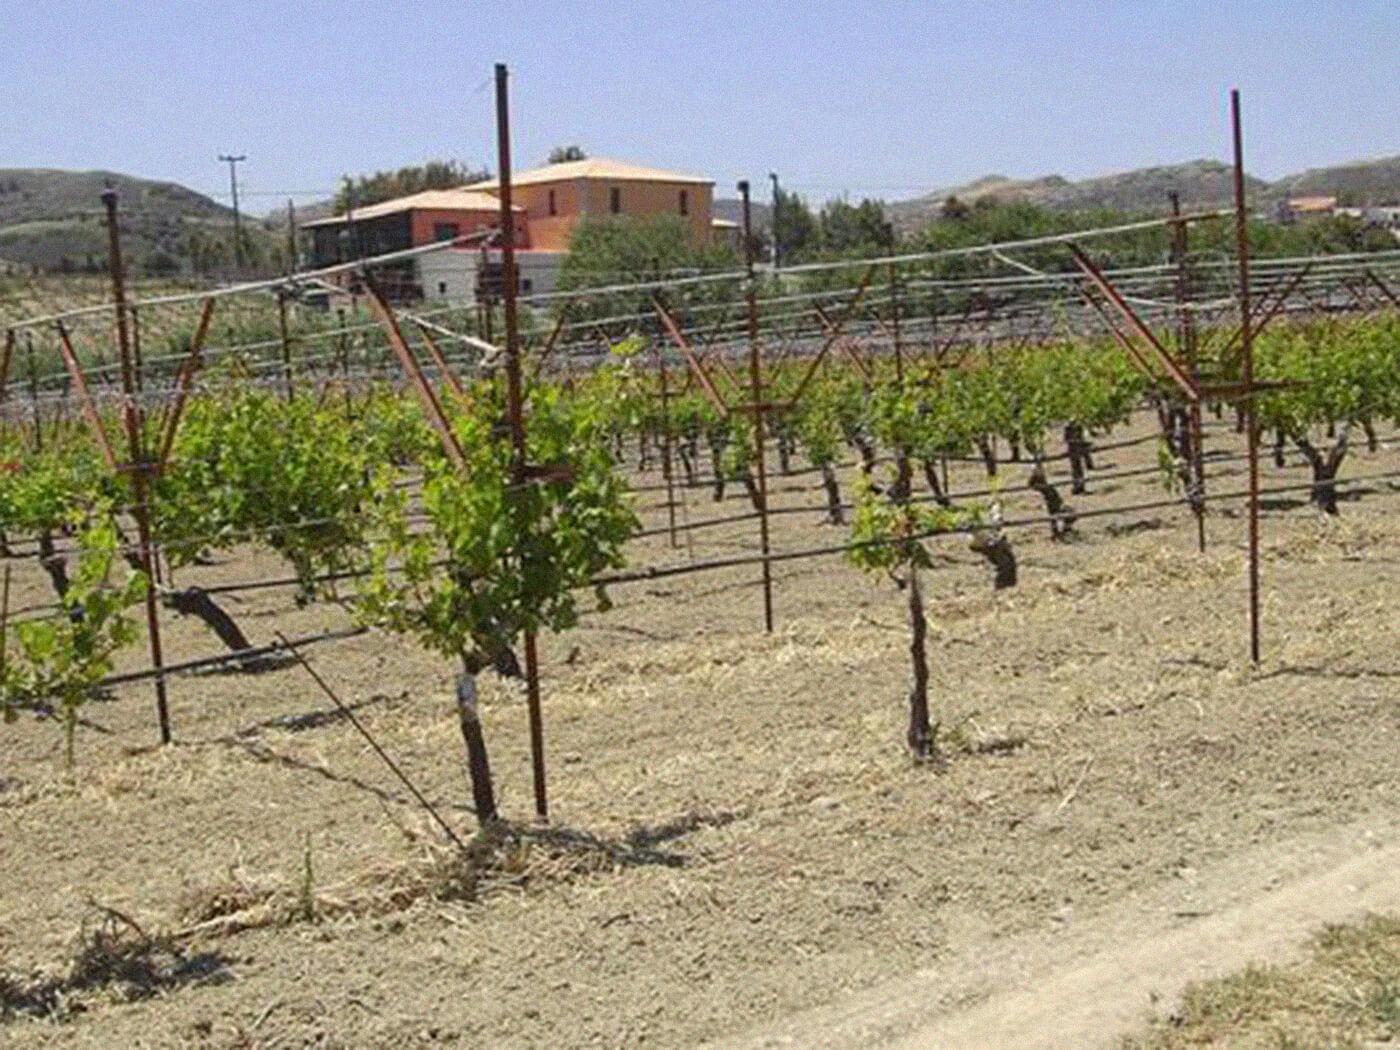 Winery Nikos Gavalas